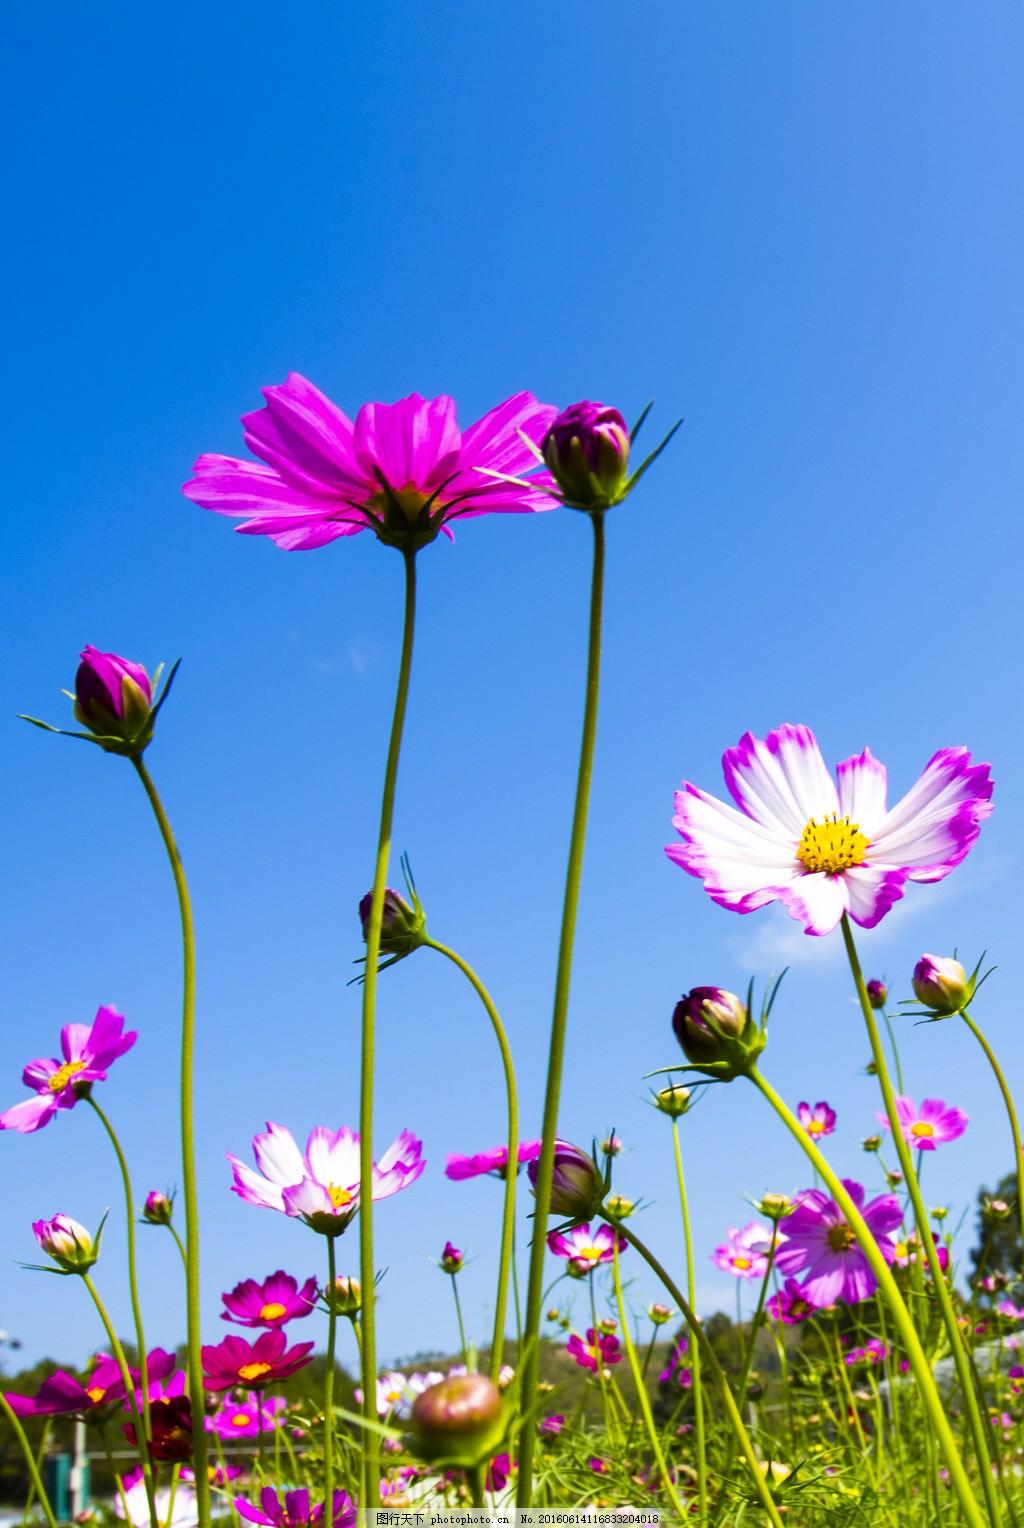 动植物  美丽的格桑花风景高清图片下载 花卉 花朵 花草 鲜花 唯美